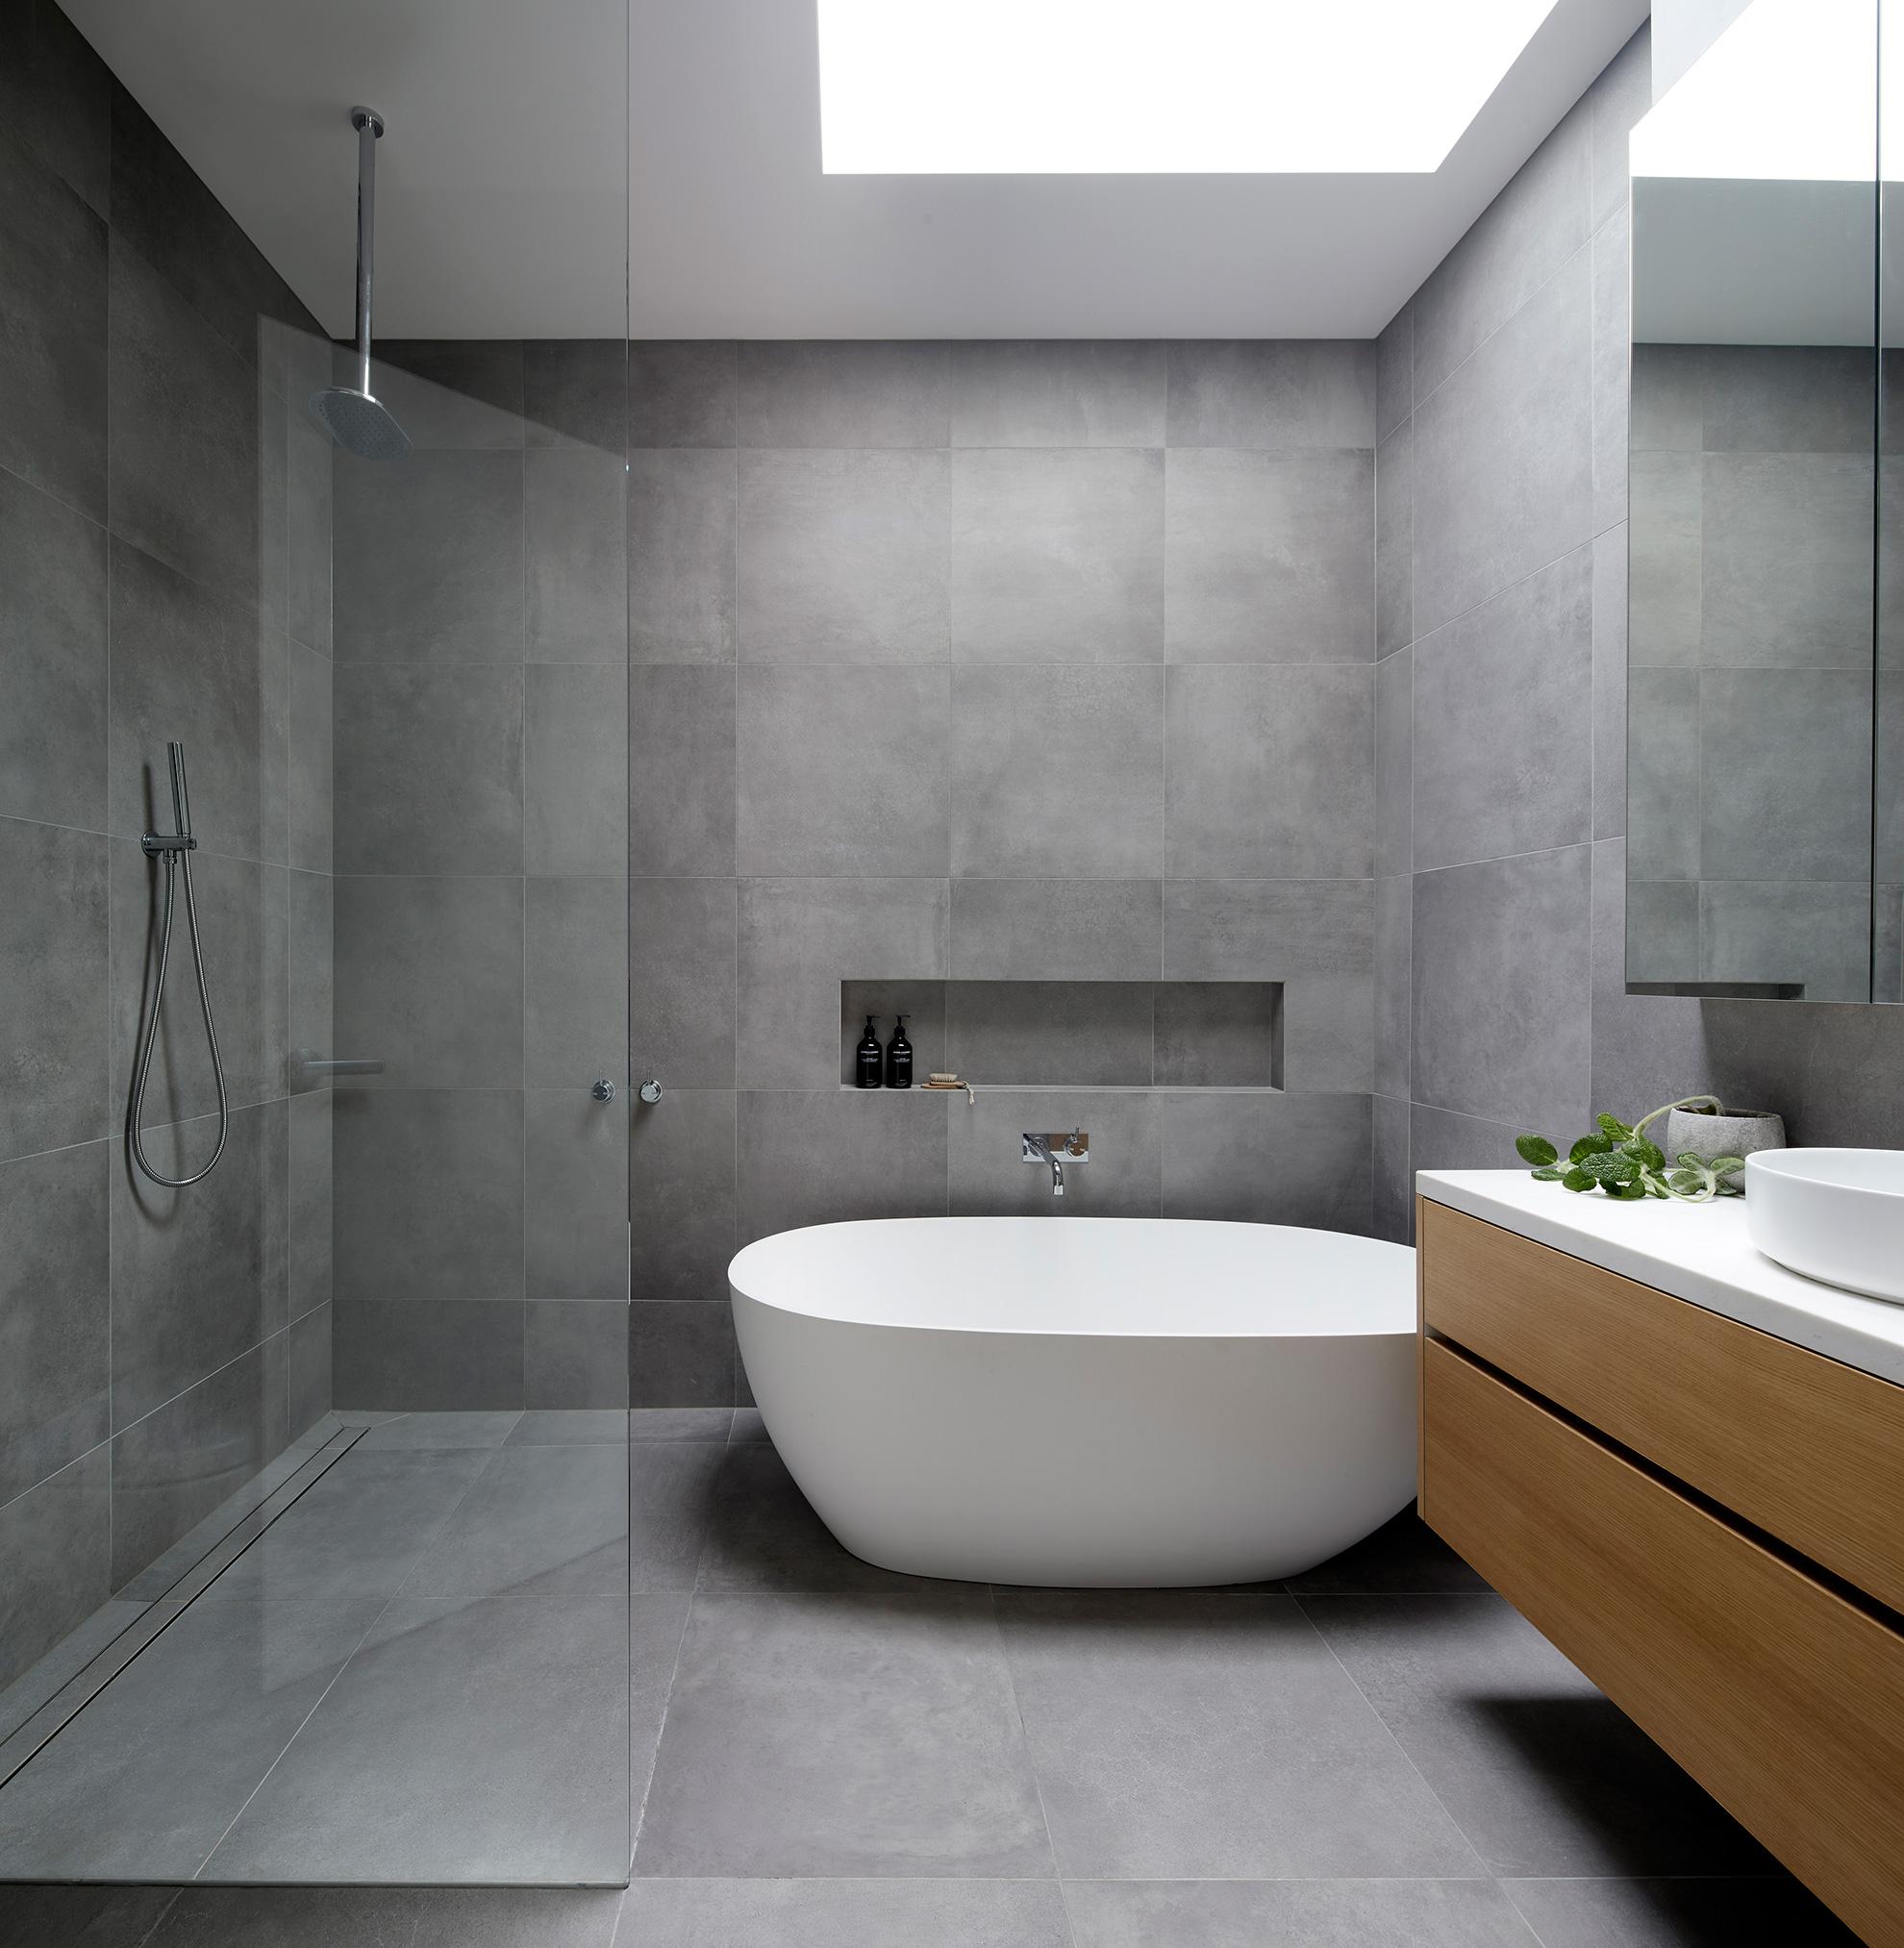 u-house-thornbury-main-bathroom-ckarch-low-res